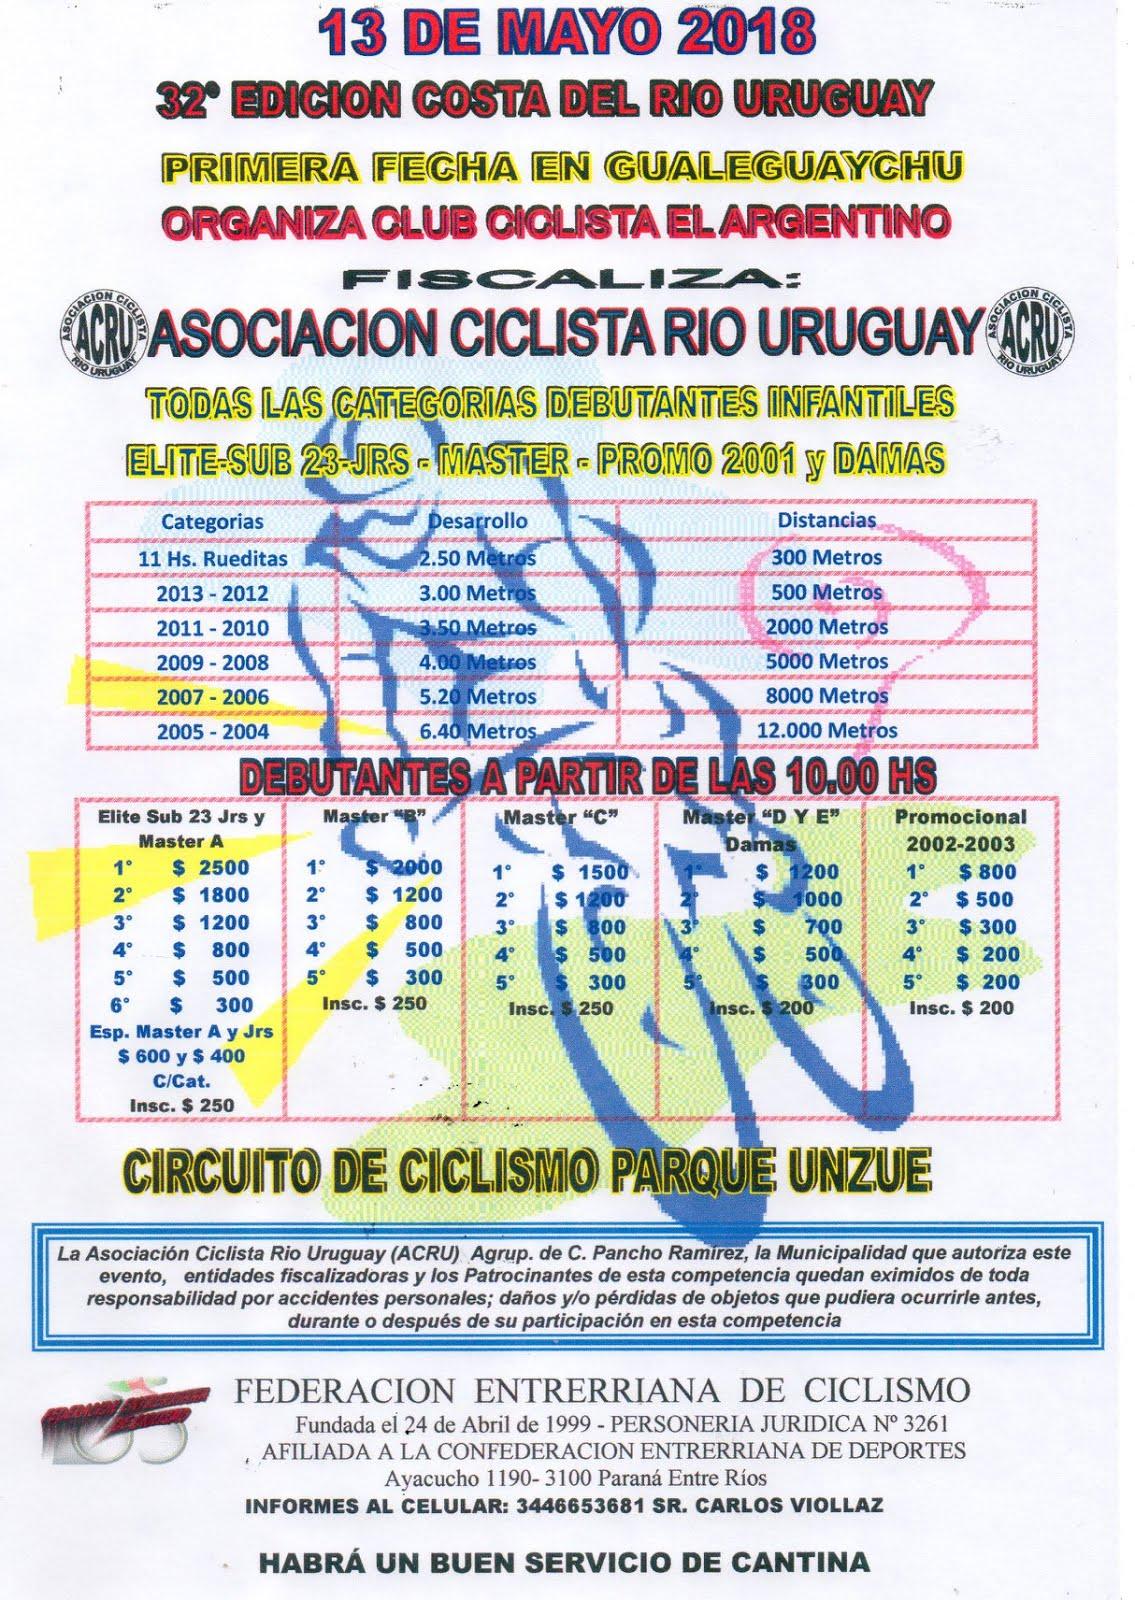 Costa del Rio Uruguay 2018 - NUEVA FECHA